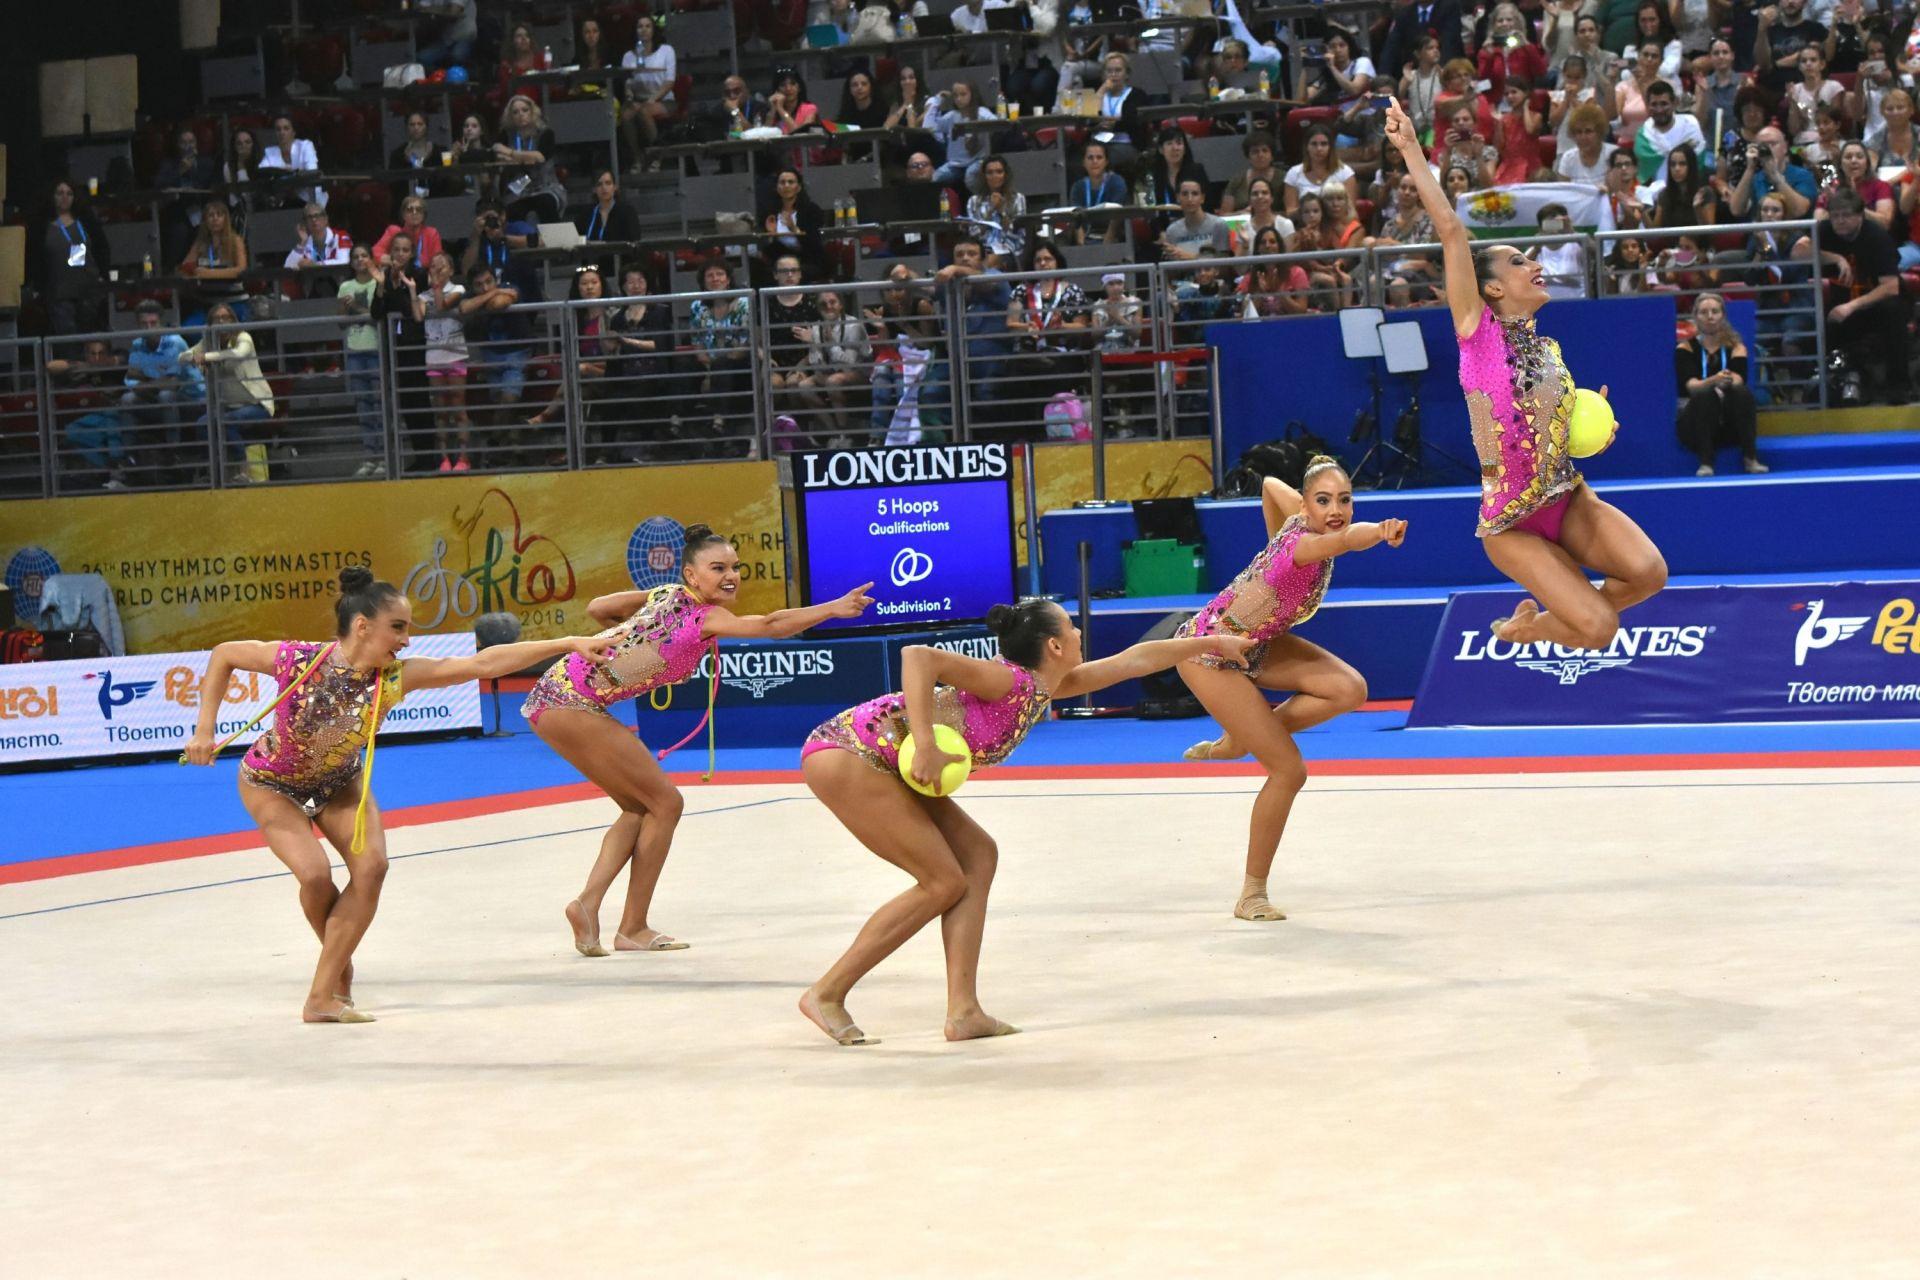 Националният ни ансамбъл по художествена гимнастика отново се сдоби със злато през 2018 гимнастика бе едно от големите събития у нас за годината.